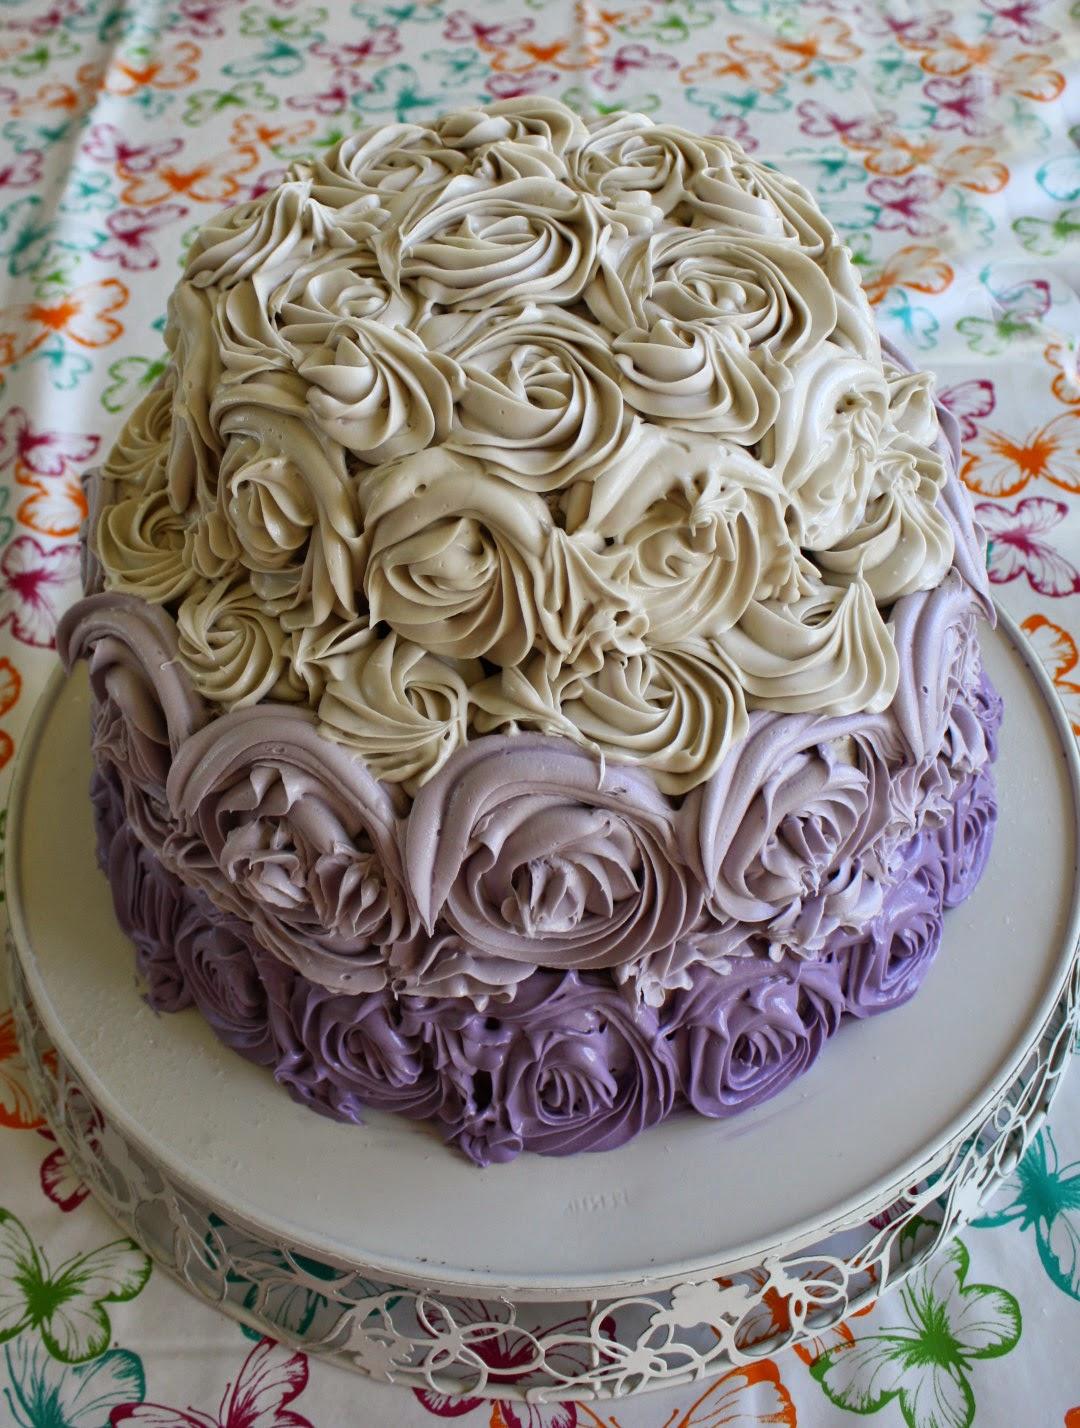 vit chokladfrosting till tårta